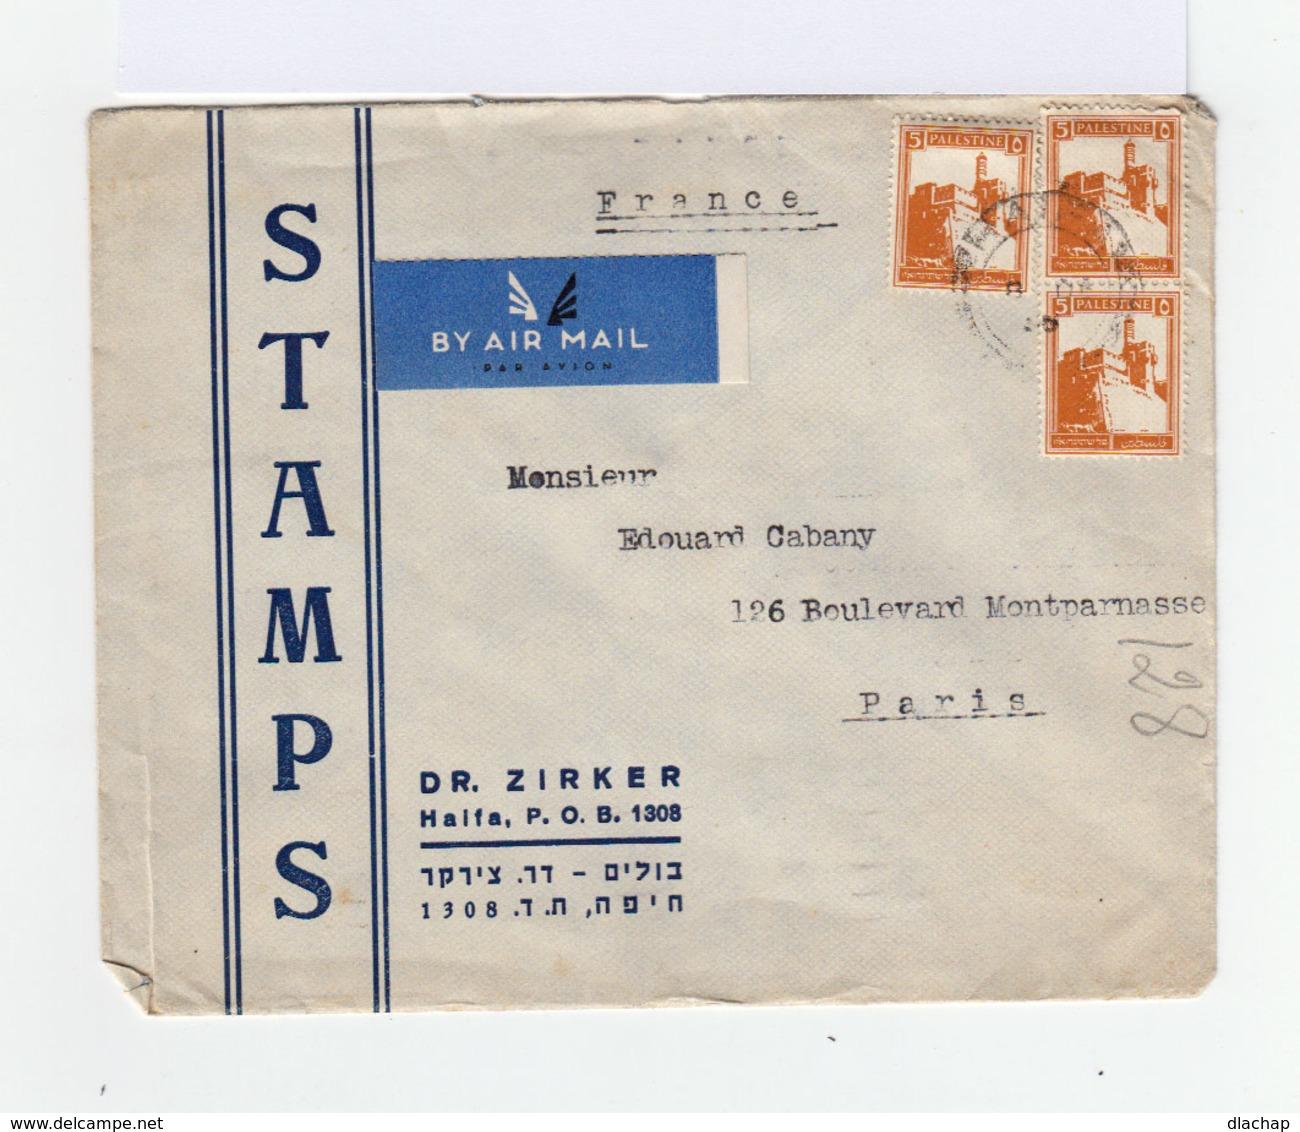 Sur Enveloppe By Air Mail De Palestine 1936 Paire De 5 C. Jaune Orange Citadelle De Jérusalem Et Un Timbre Idem. (787) - Palestine